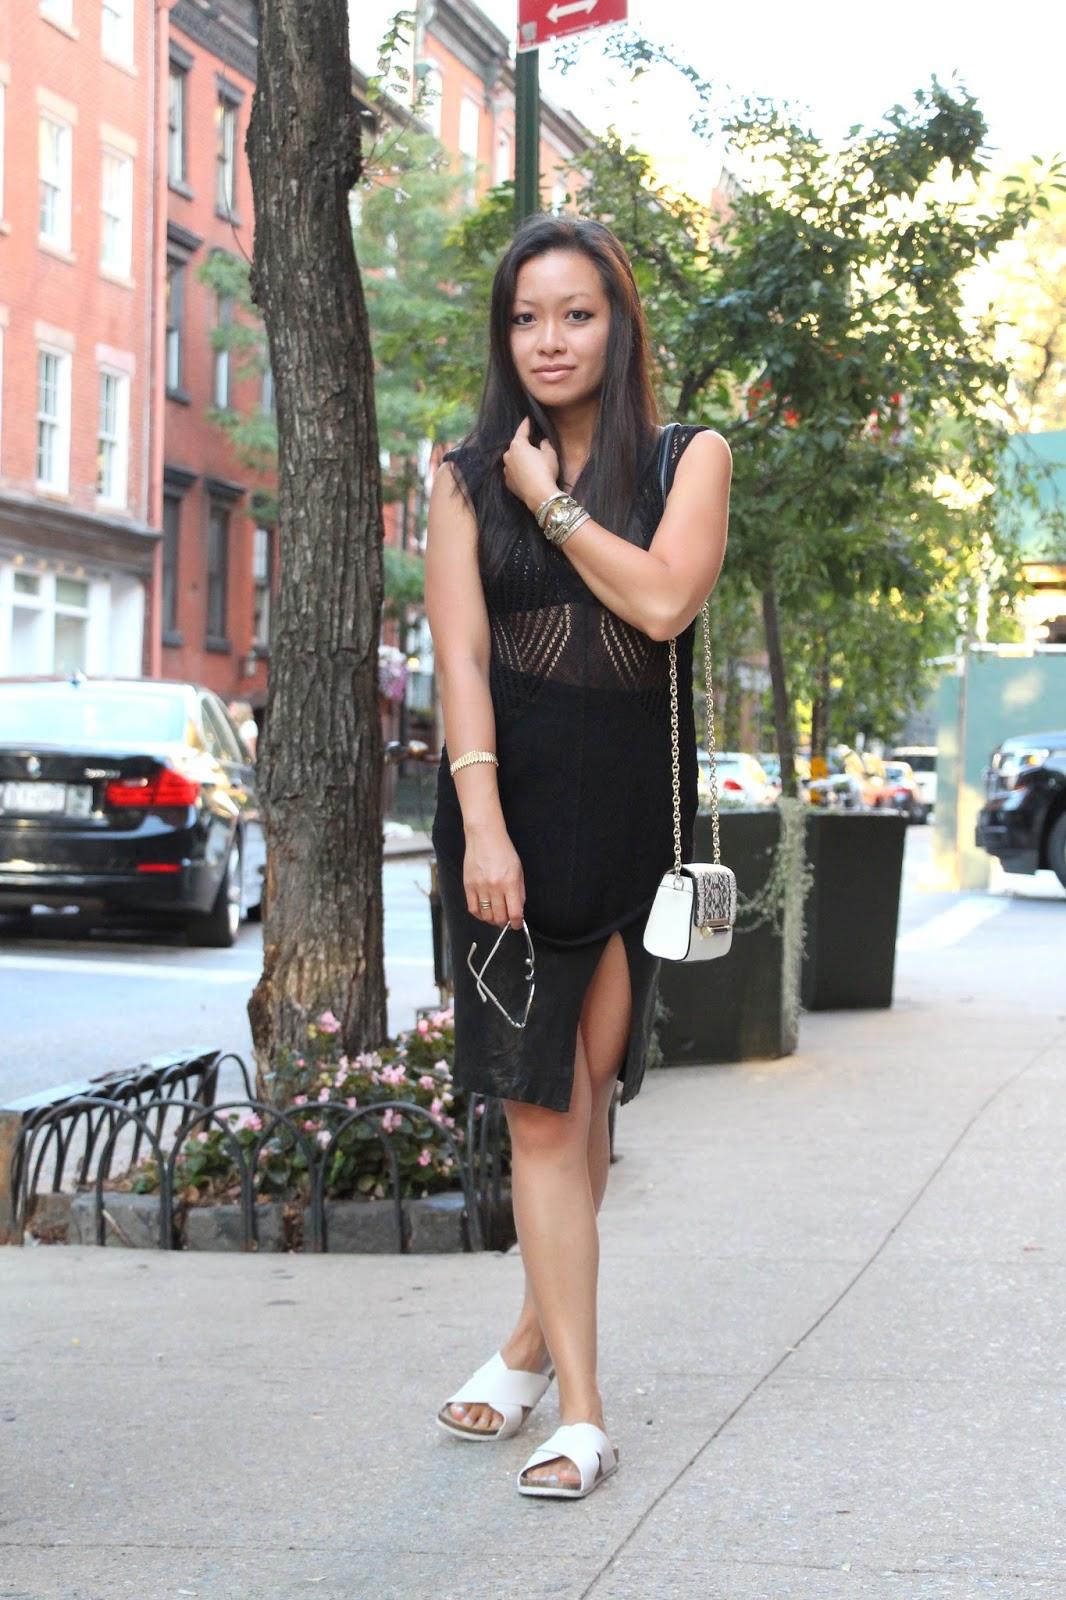 Frame le high leather pencil skirt Helmut Lang black knit top DVF bag